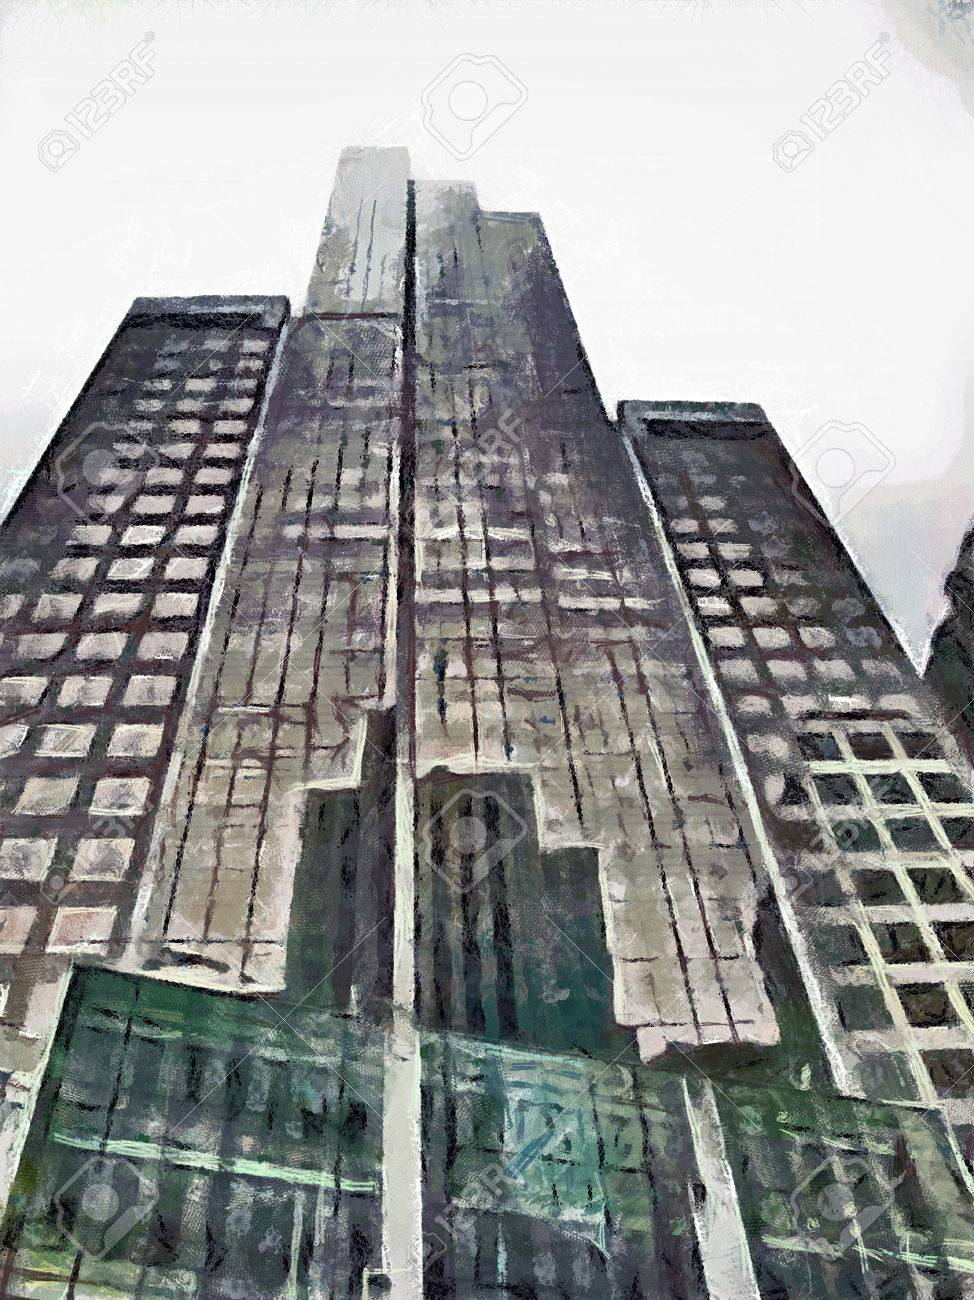 hacer dibujos de edificios y rascacielos en los estados unidos manhattan nueva york foto